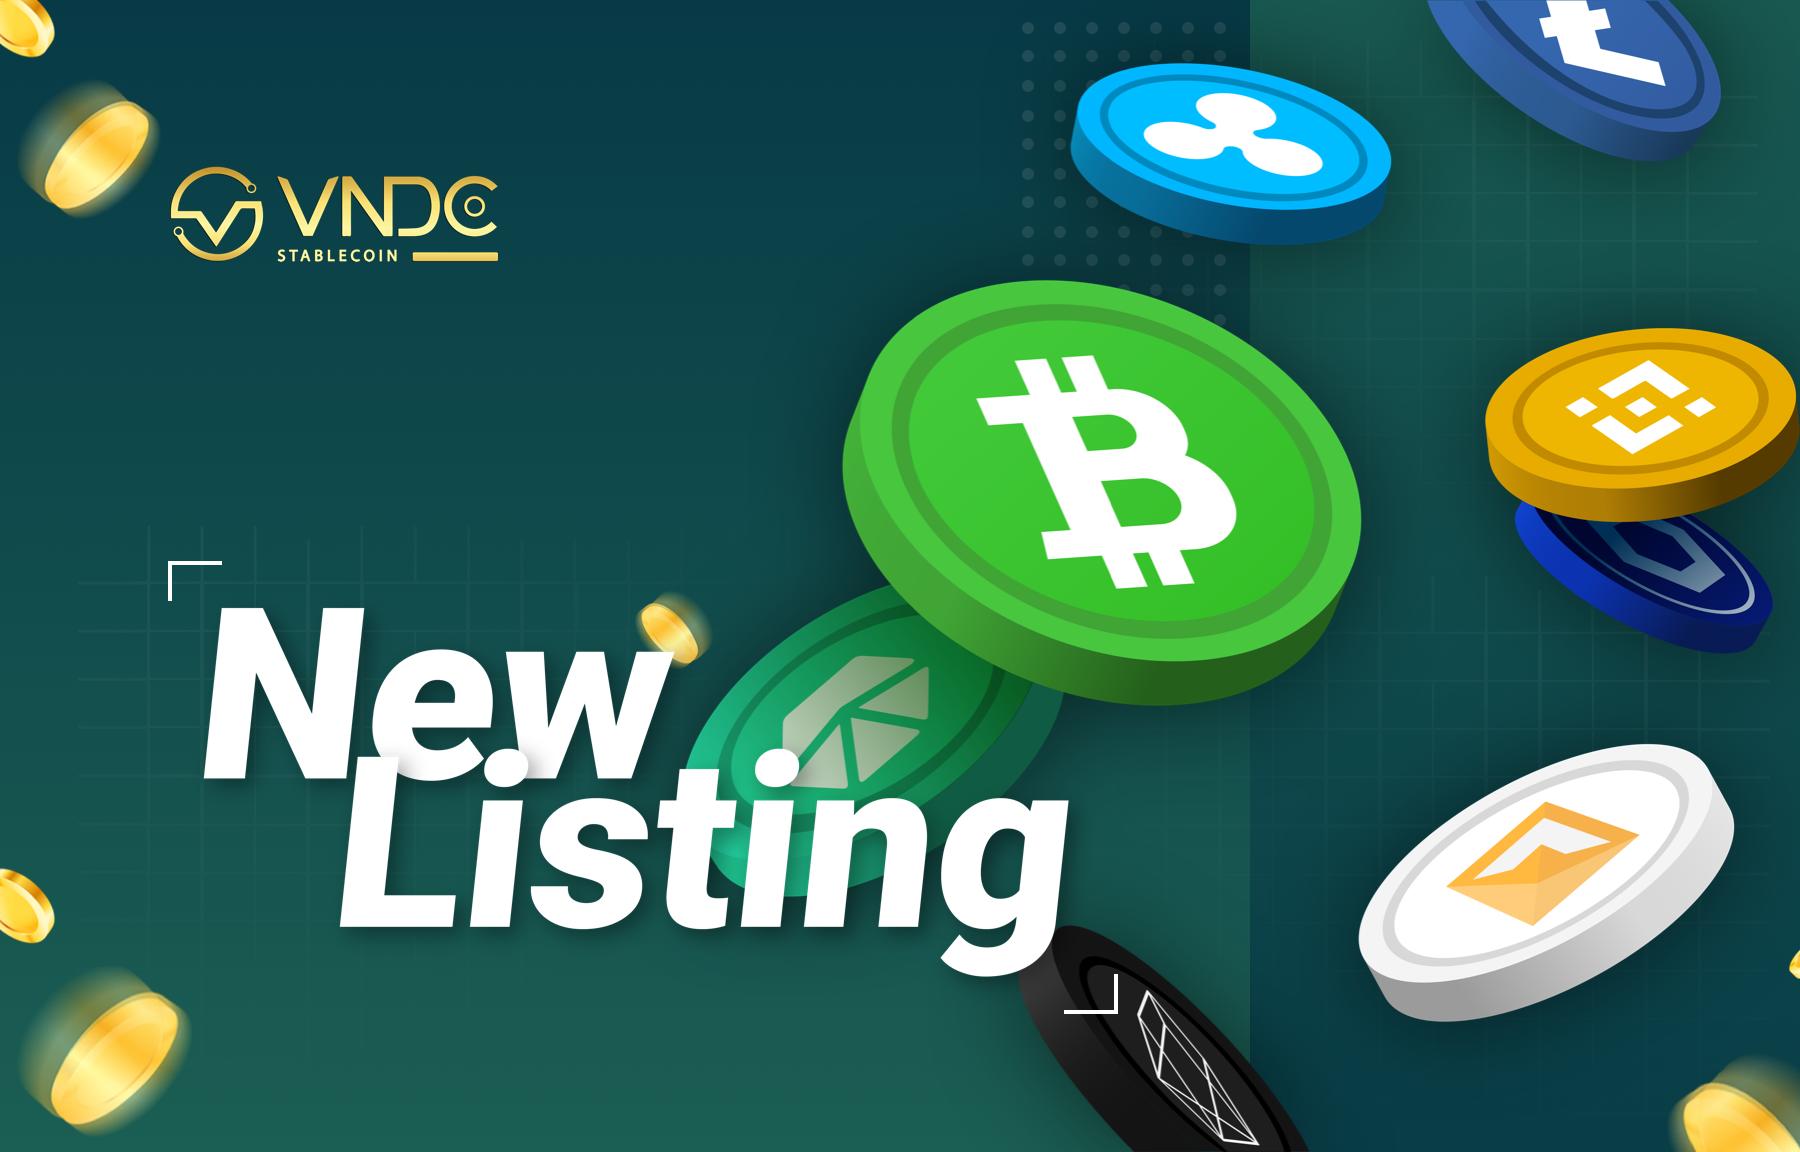 VNDC tiếp tục hỗ trợ nhiều loại tài sản số (Altcoin) cho nhà đầu tư